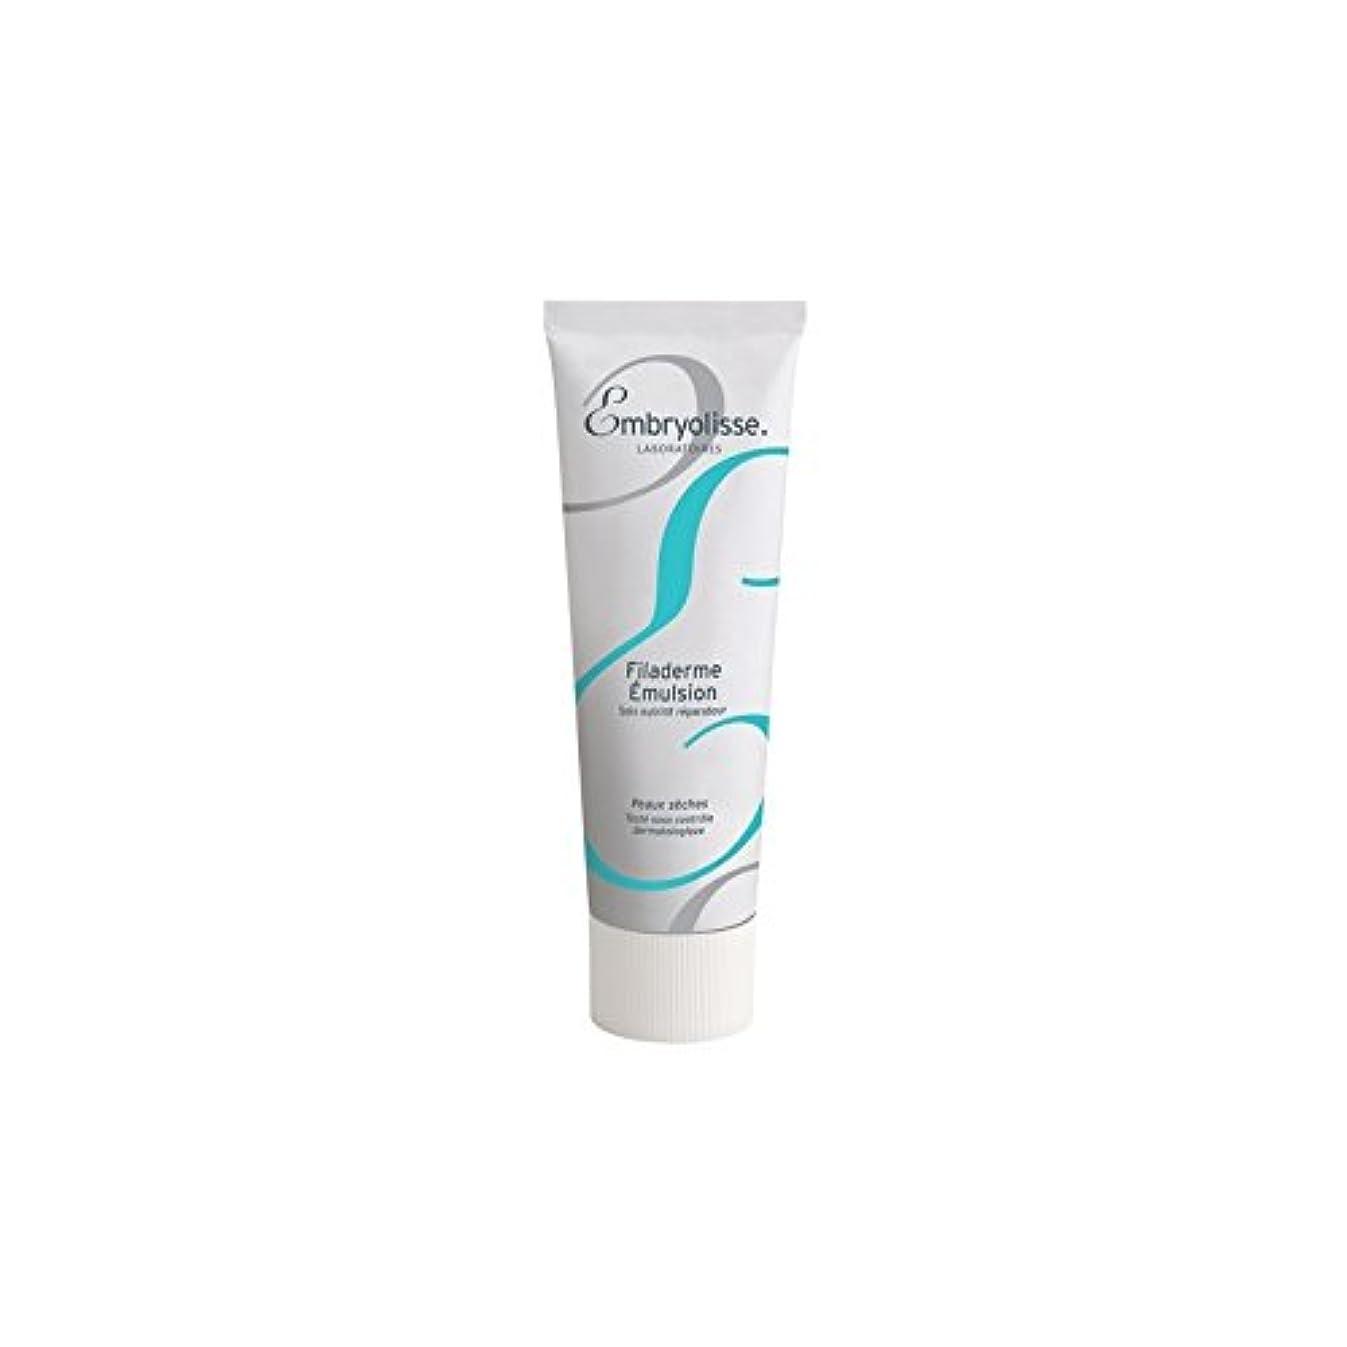 色今まで霧Embryolisse Filaderme Emulsion (75ml) - エマルジョン(75ミリリットル) [並行輸入品]